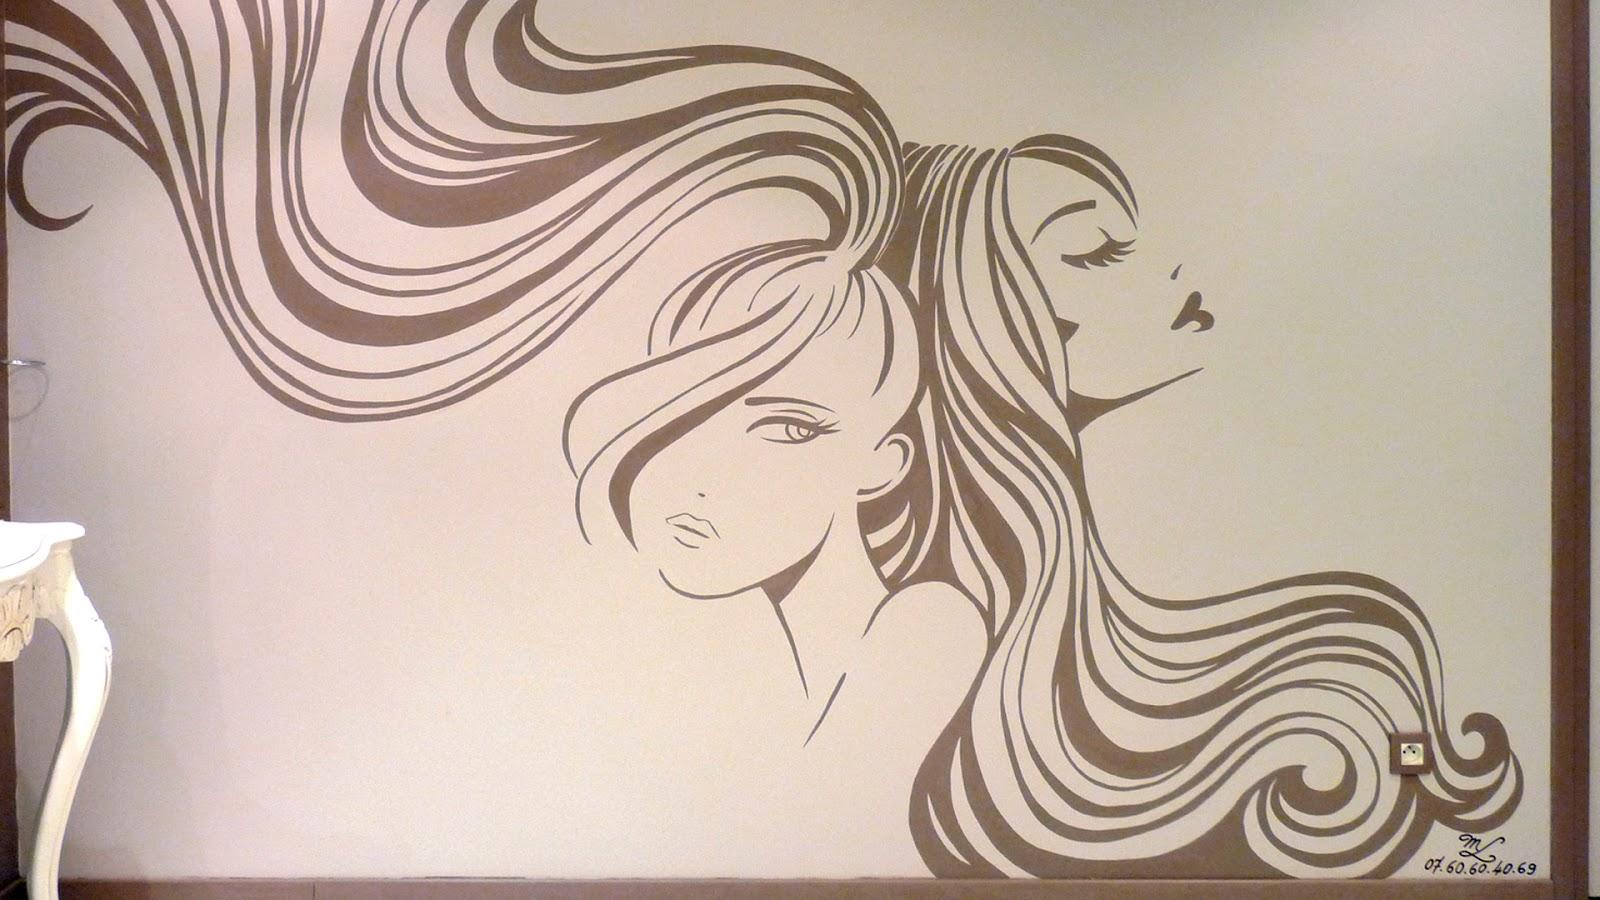 Fresque D Coration Salon De Coiffure D Coration Fresques Myland